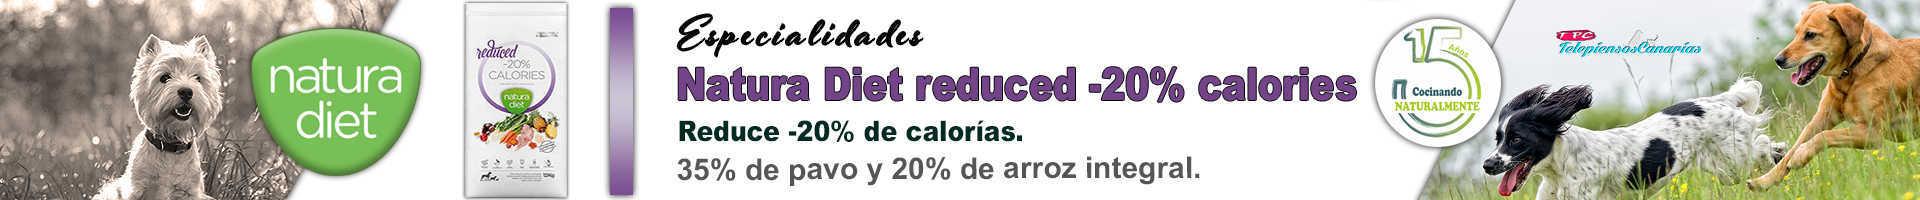 Natura diet reduce -20% de calorías, ideal para perros con sobrepeso